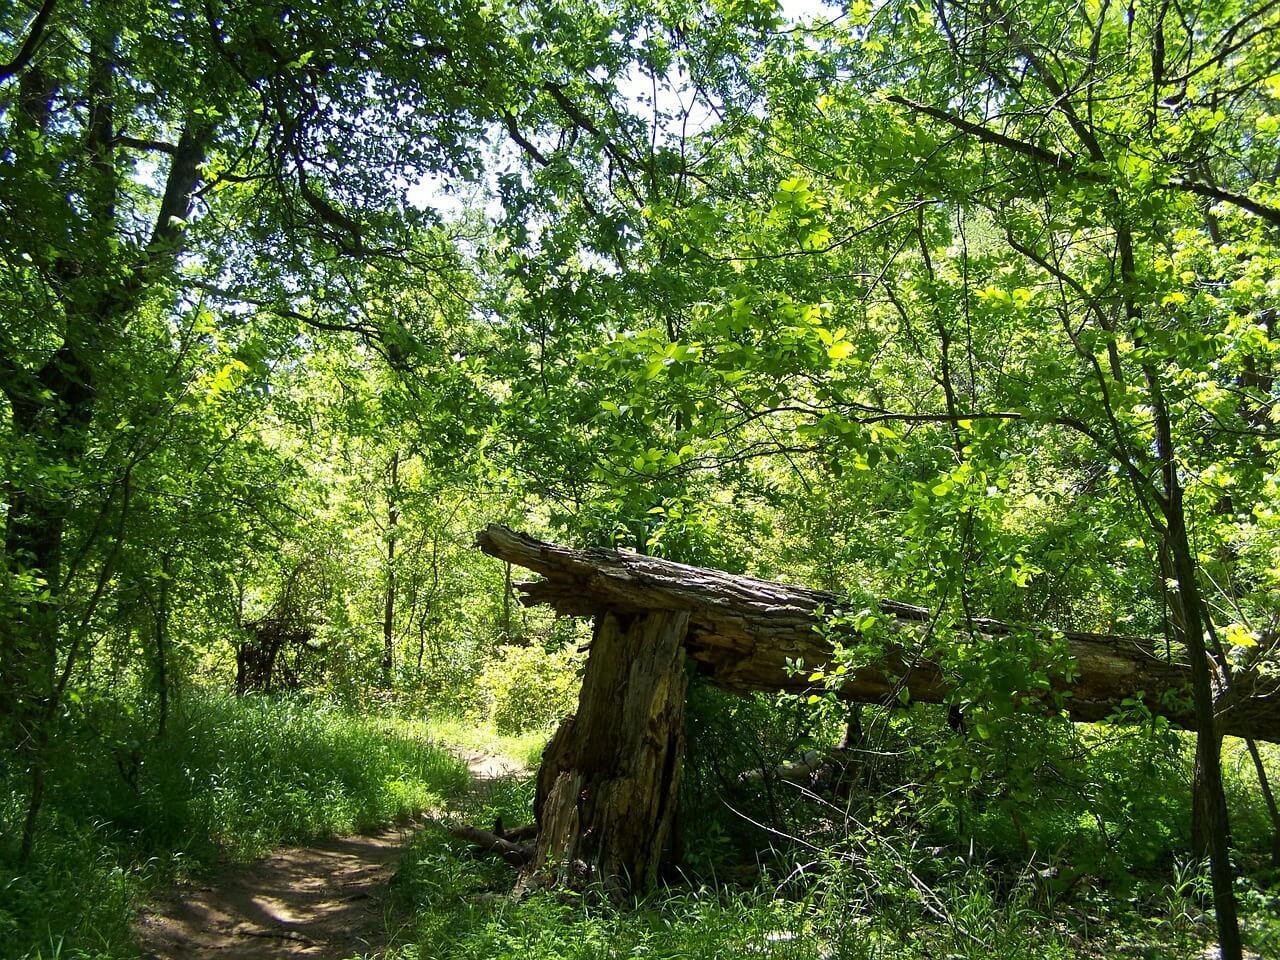 Broken tree fallen in forest